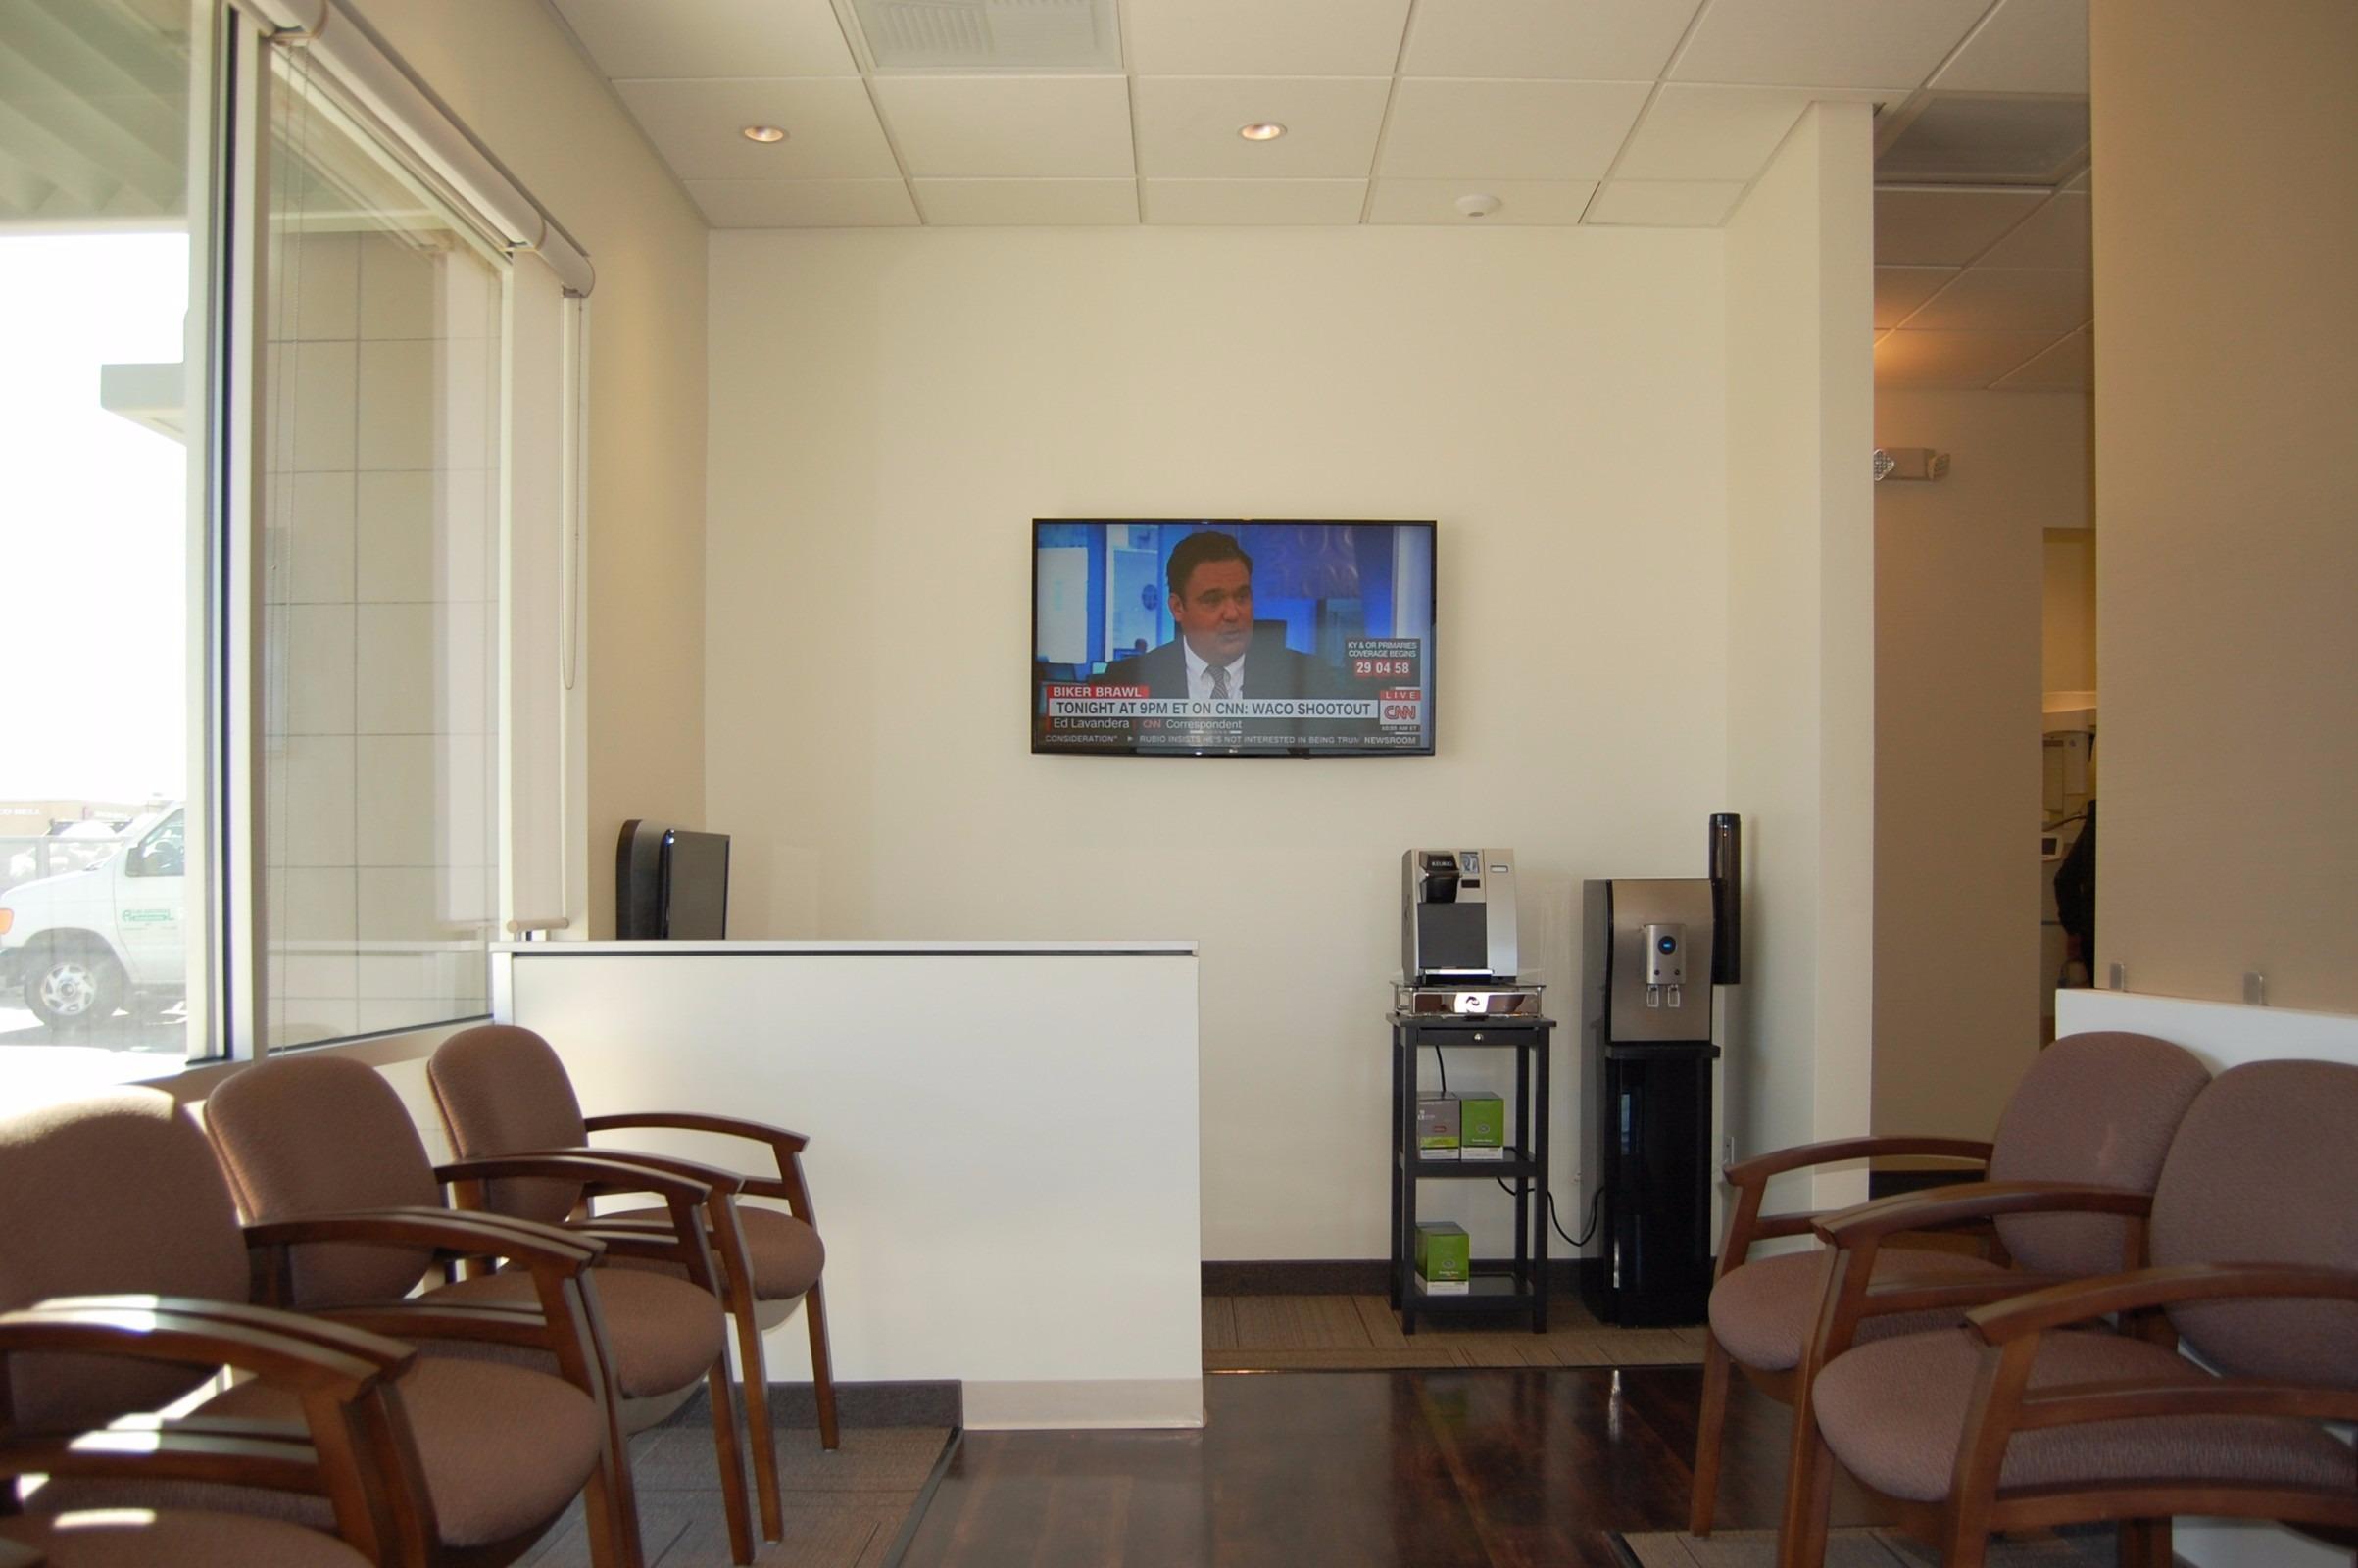 Santa Fe Dentist Office image 2